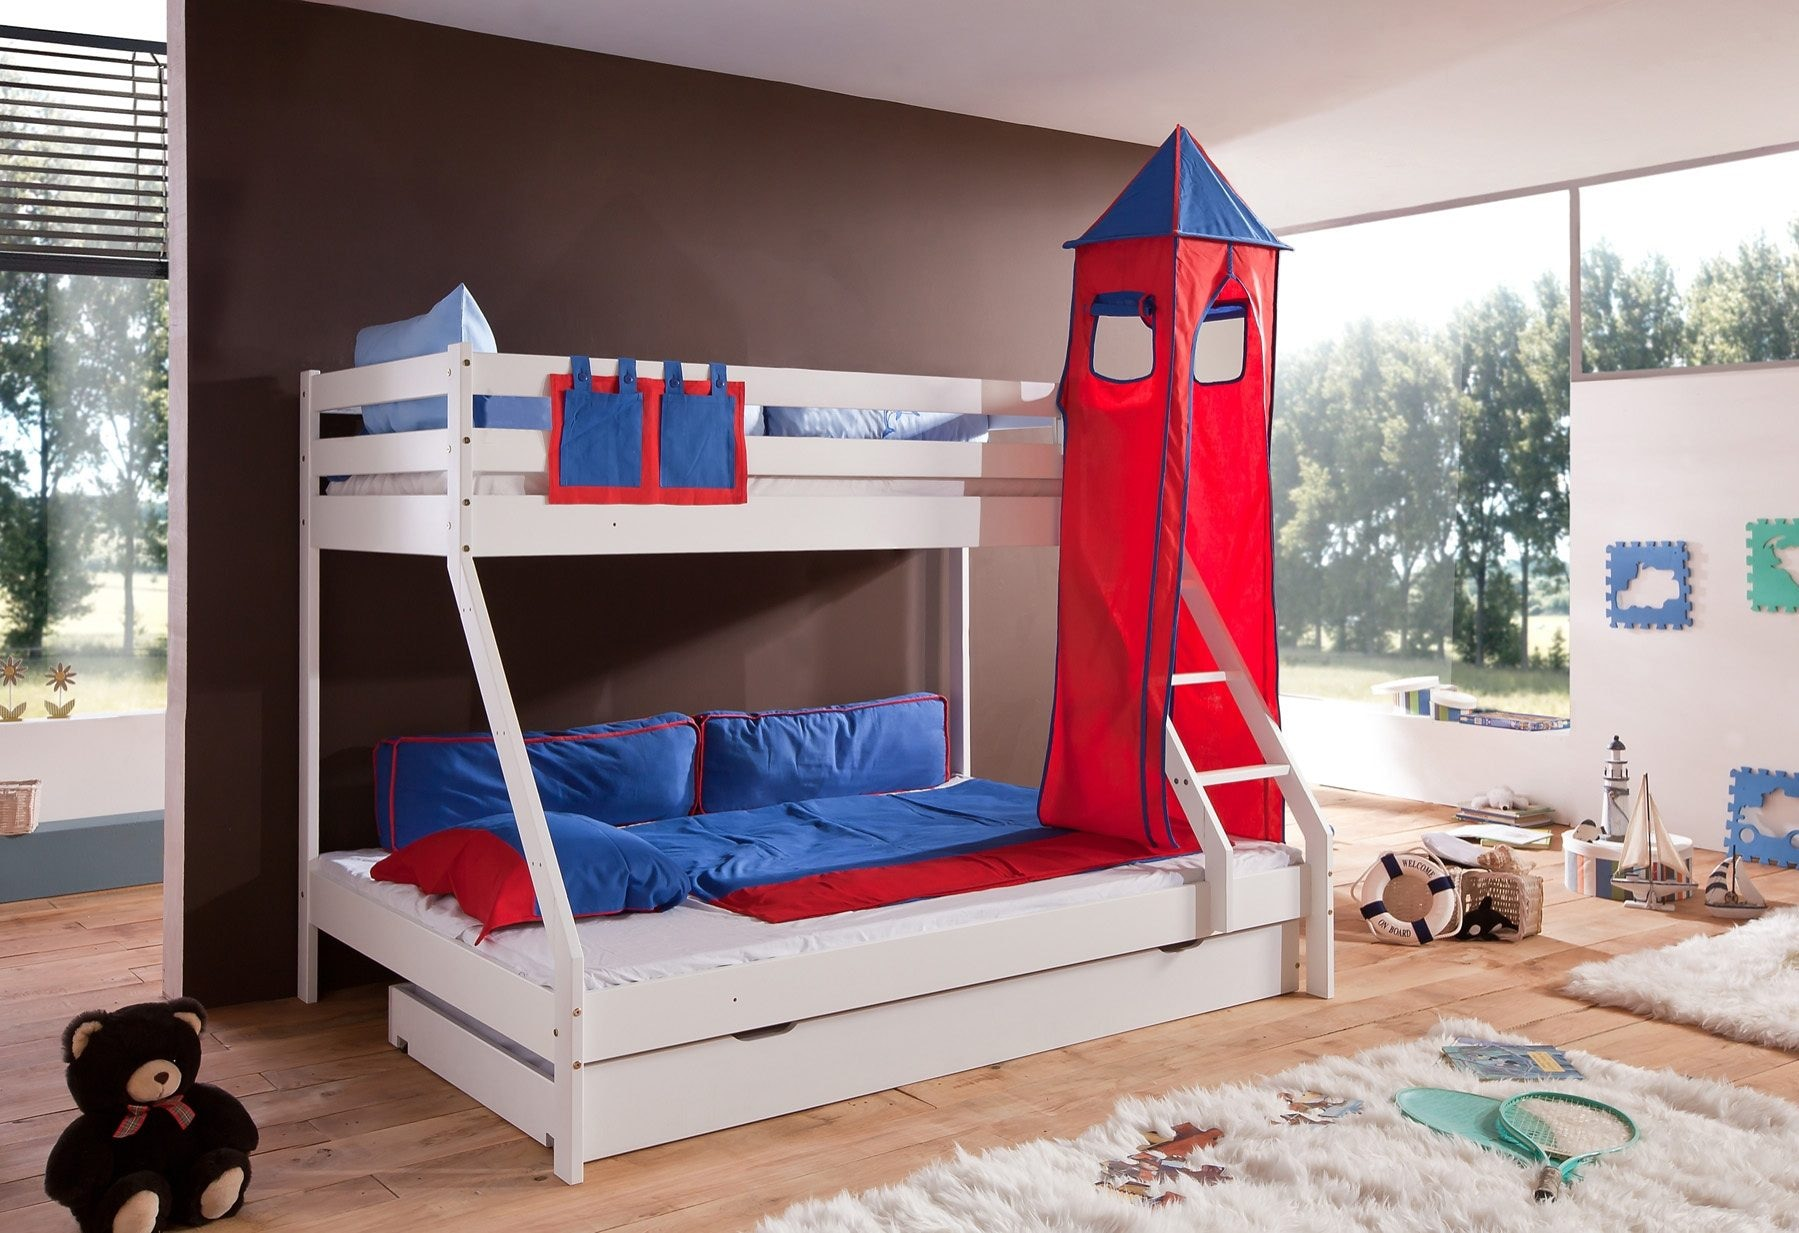 Etagenbett Mit Rutsche Wickey Crazy Circus : Rot etagenbetten online kaufen möbel suchmaschine ladendirekt